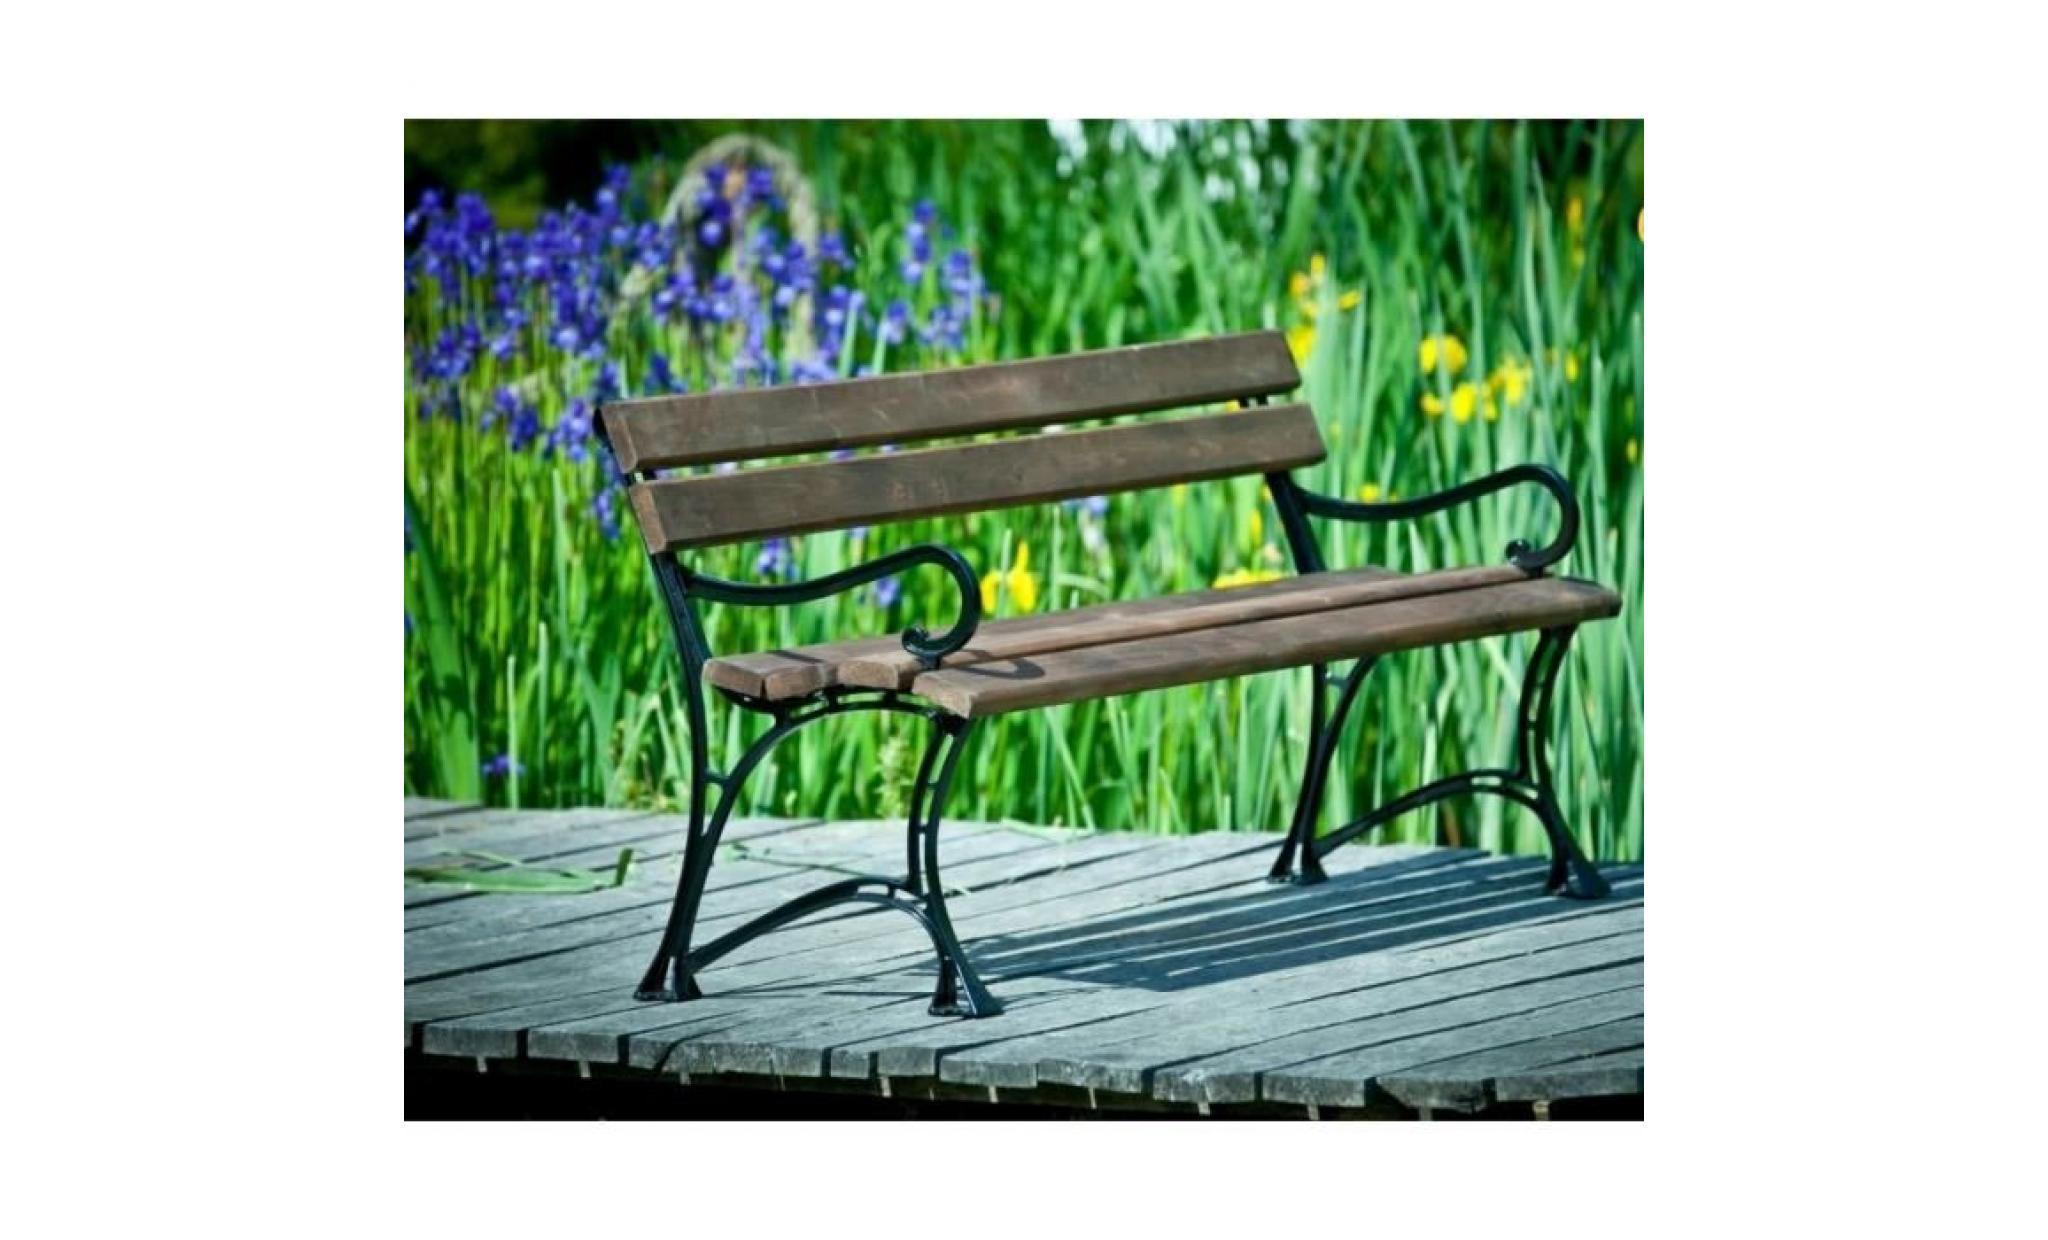 Banc De Jardin En Bois Couleur Palissandre Et Aluminium 150Cm tout Banc De Jardin En Aluminium